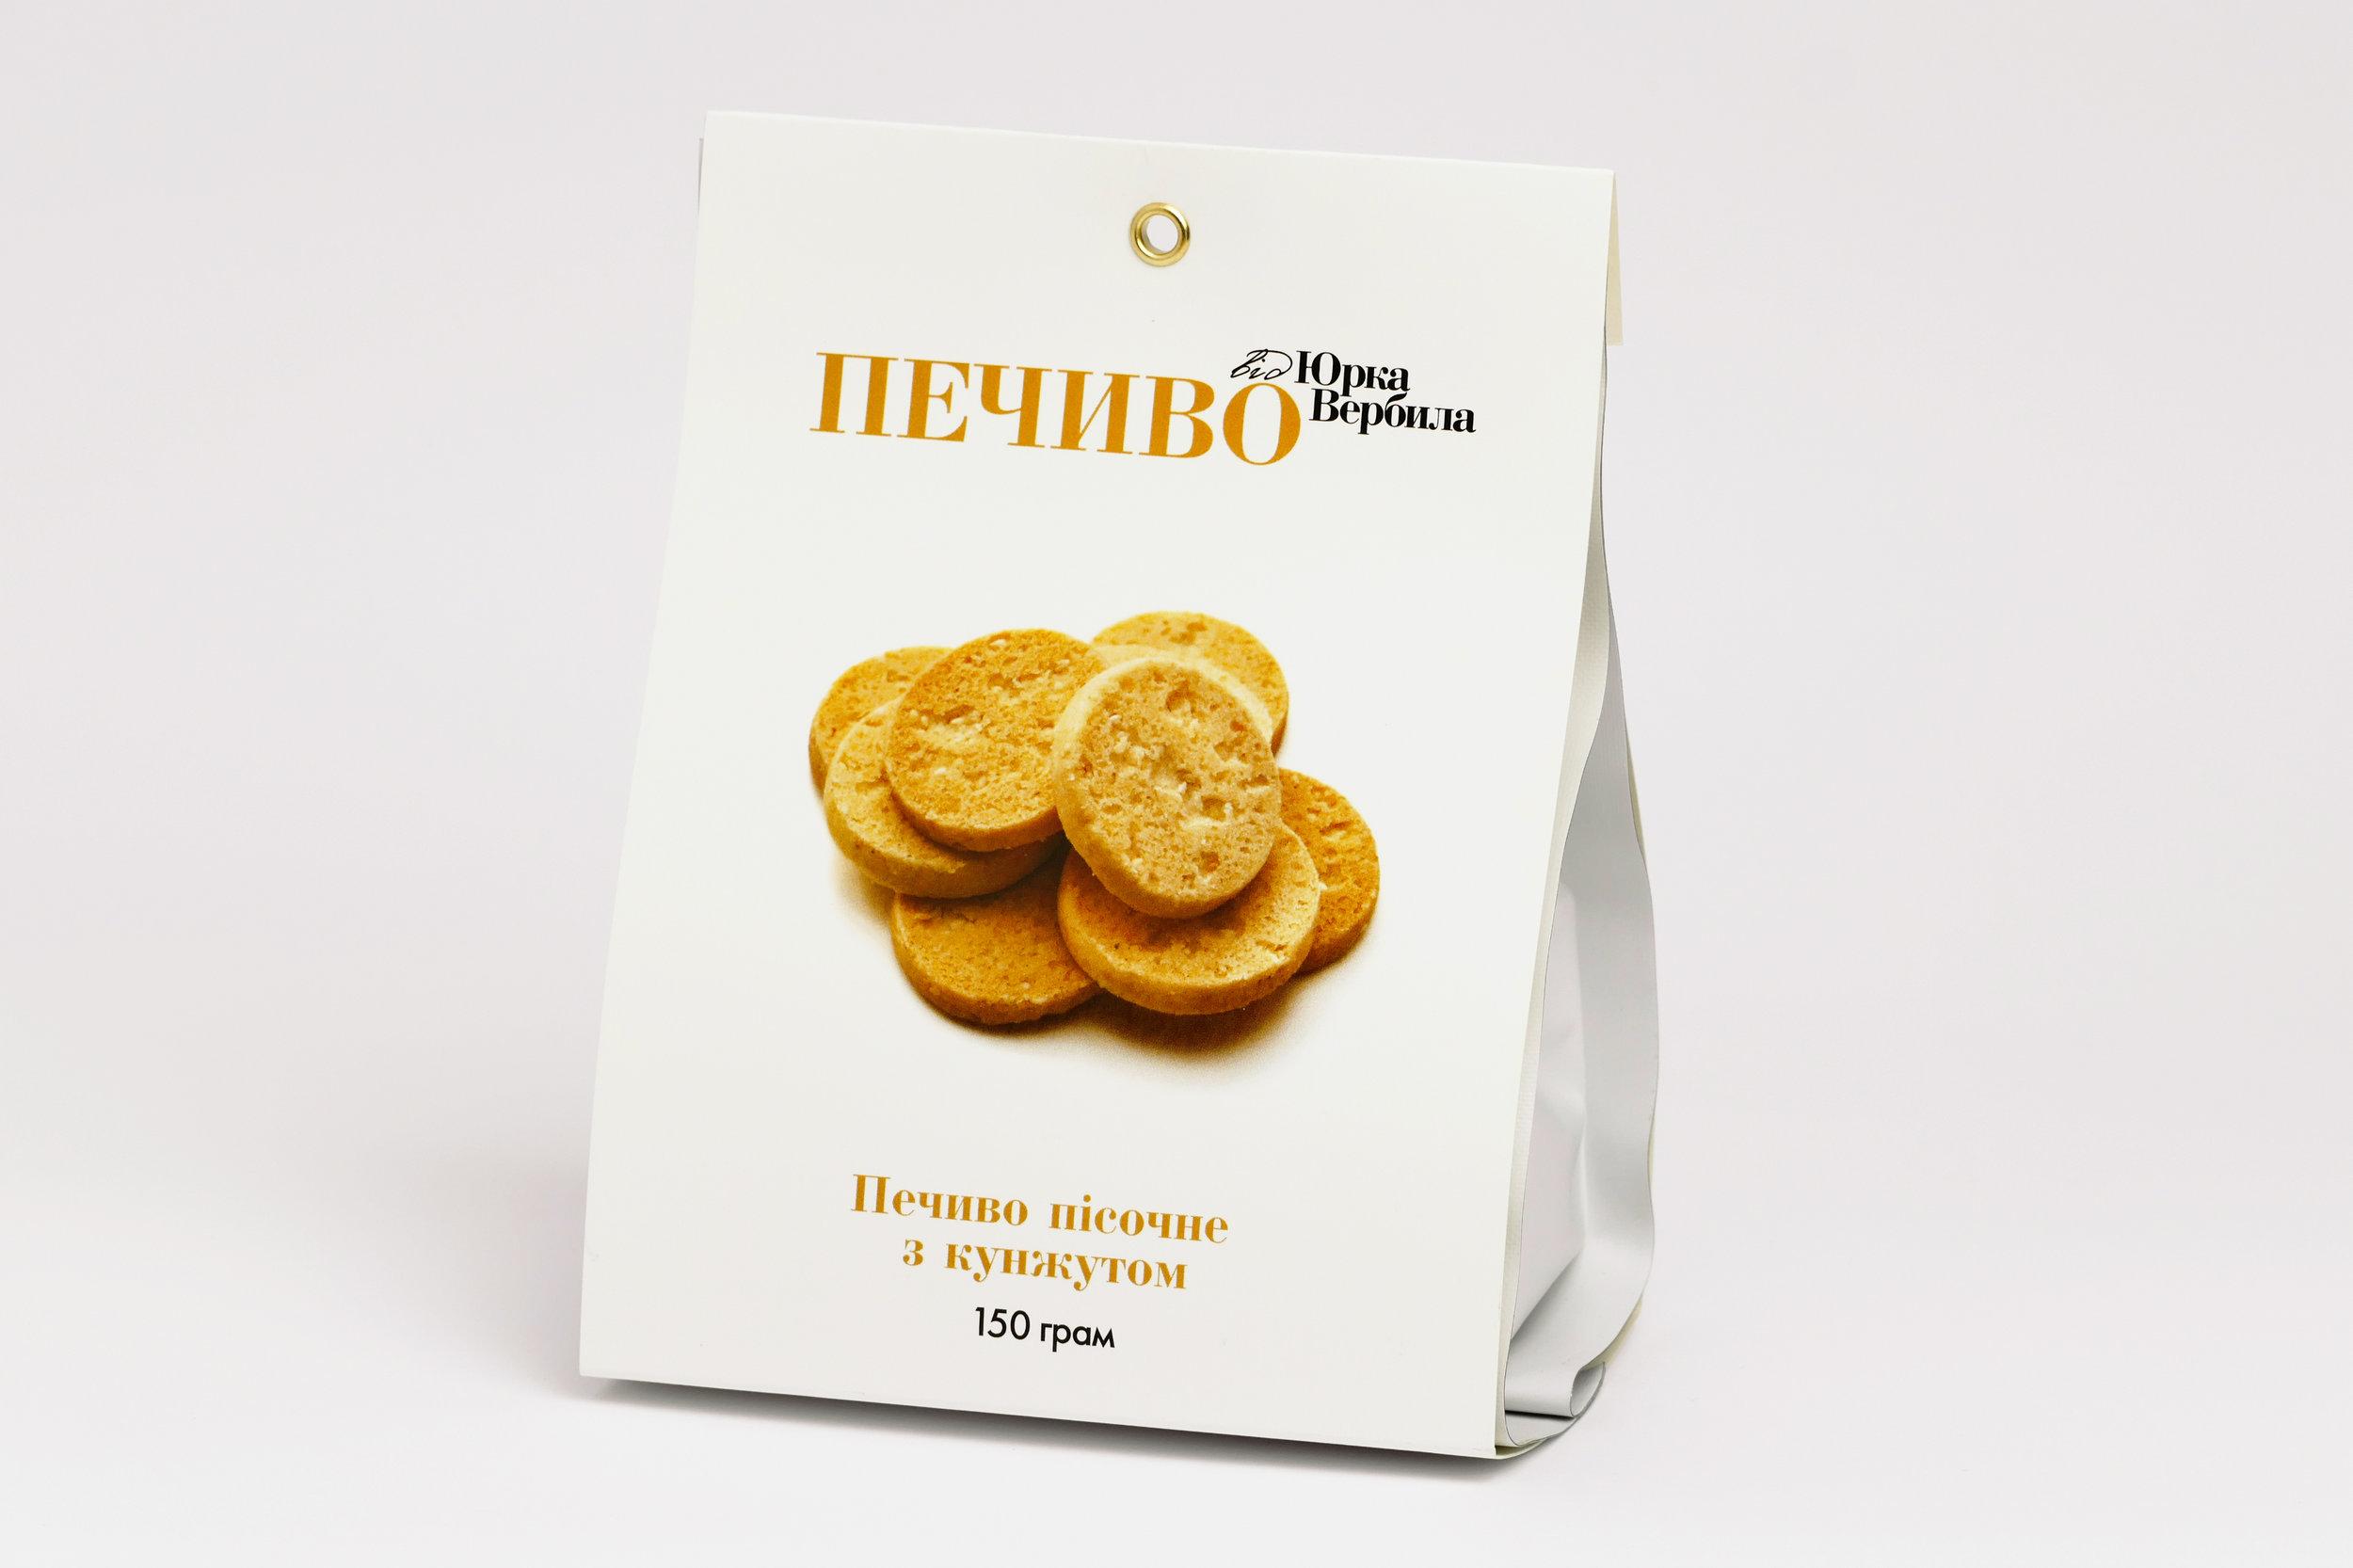 Печиво пісочне з кунжутом